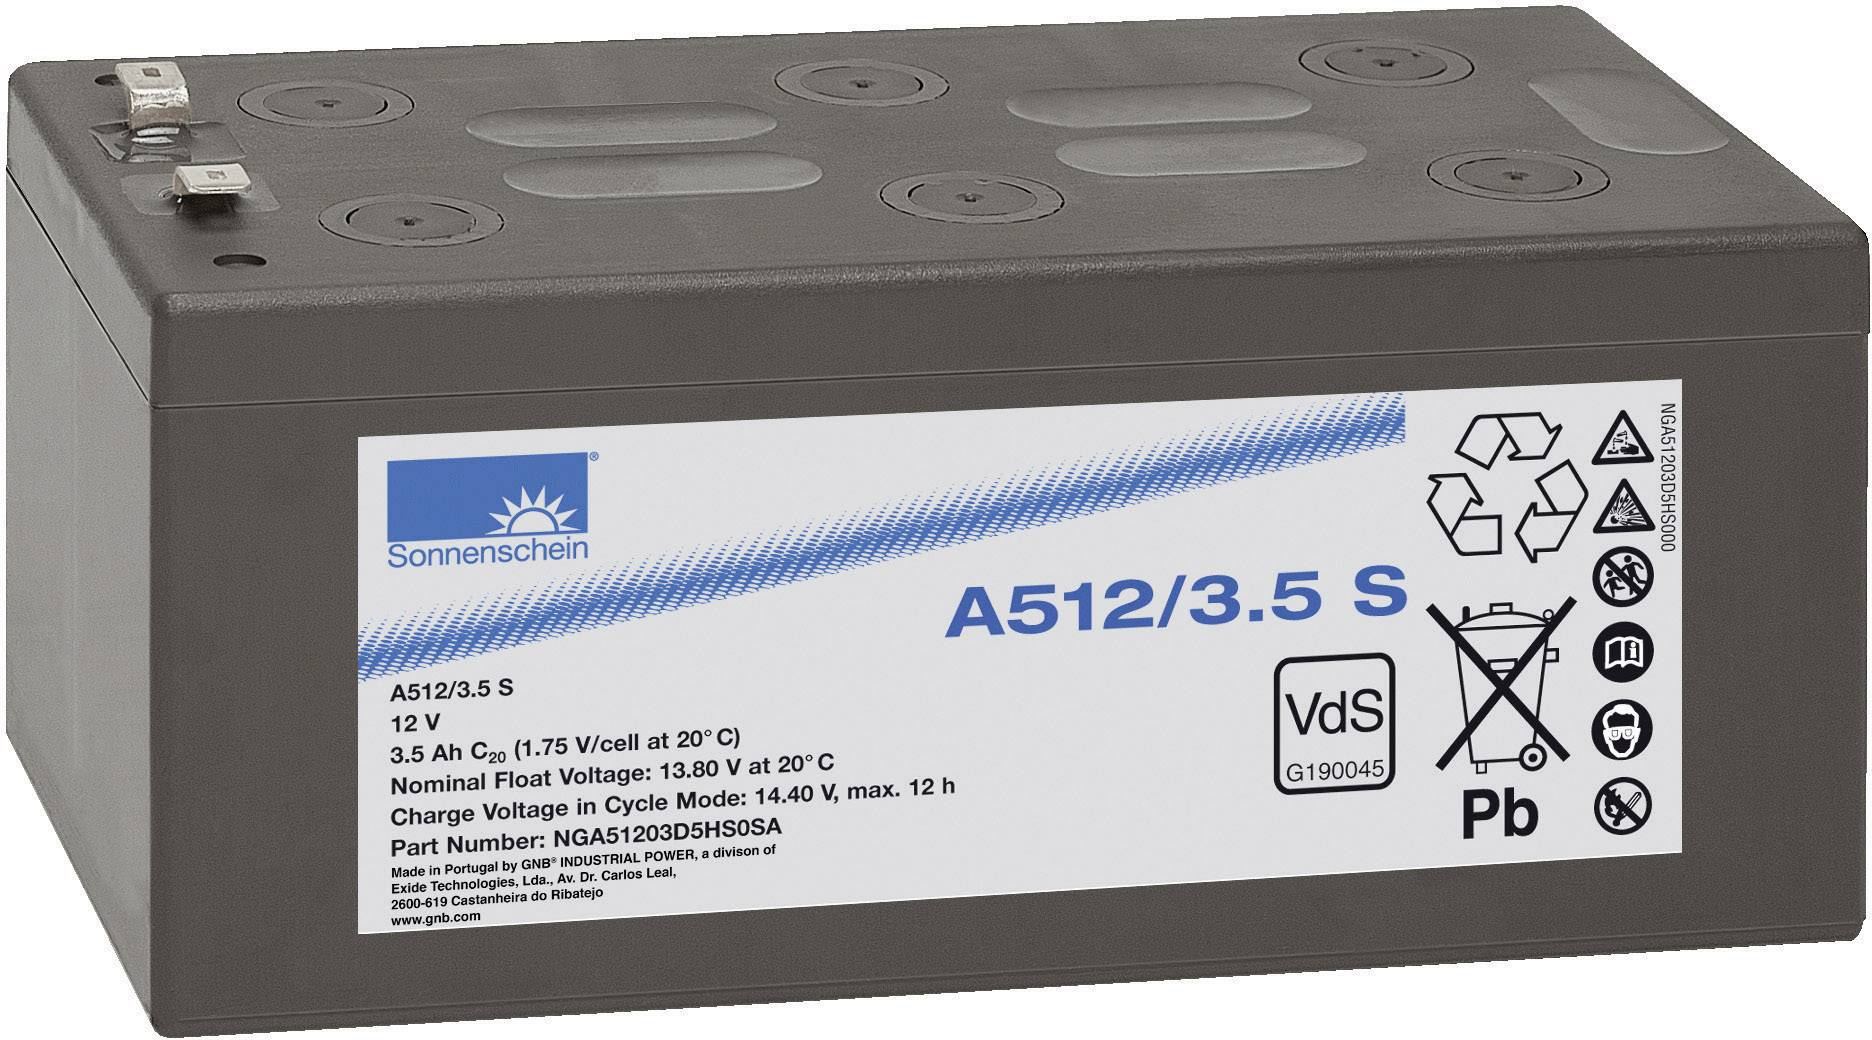 Gelový akumulátor, 12 V/3,5 Ah, Exide Sonnenschein NGA51203D5HS0SA